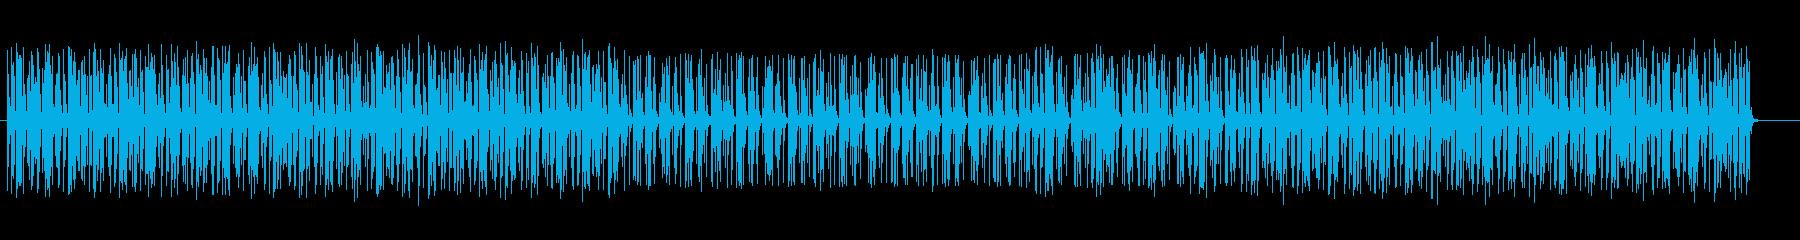 未来感のあるテクノポップスの再生済みの波形